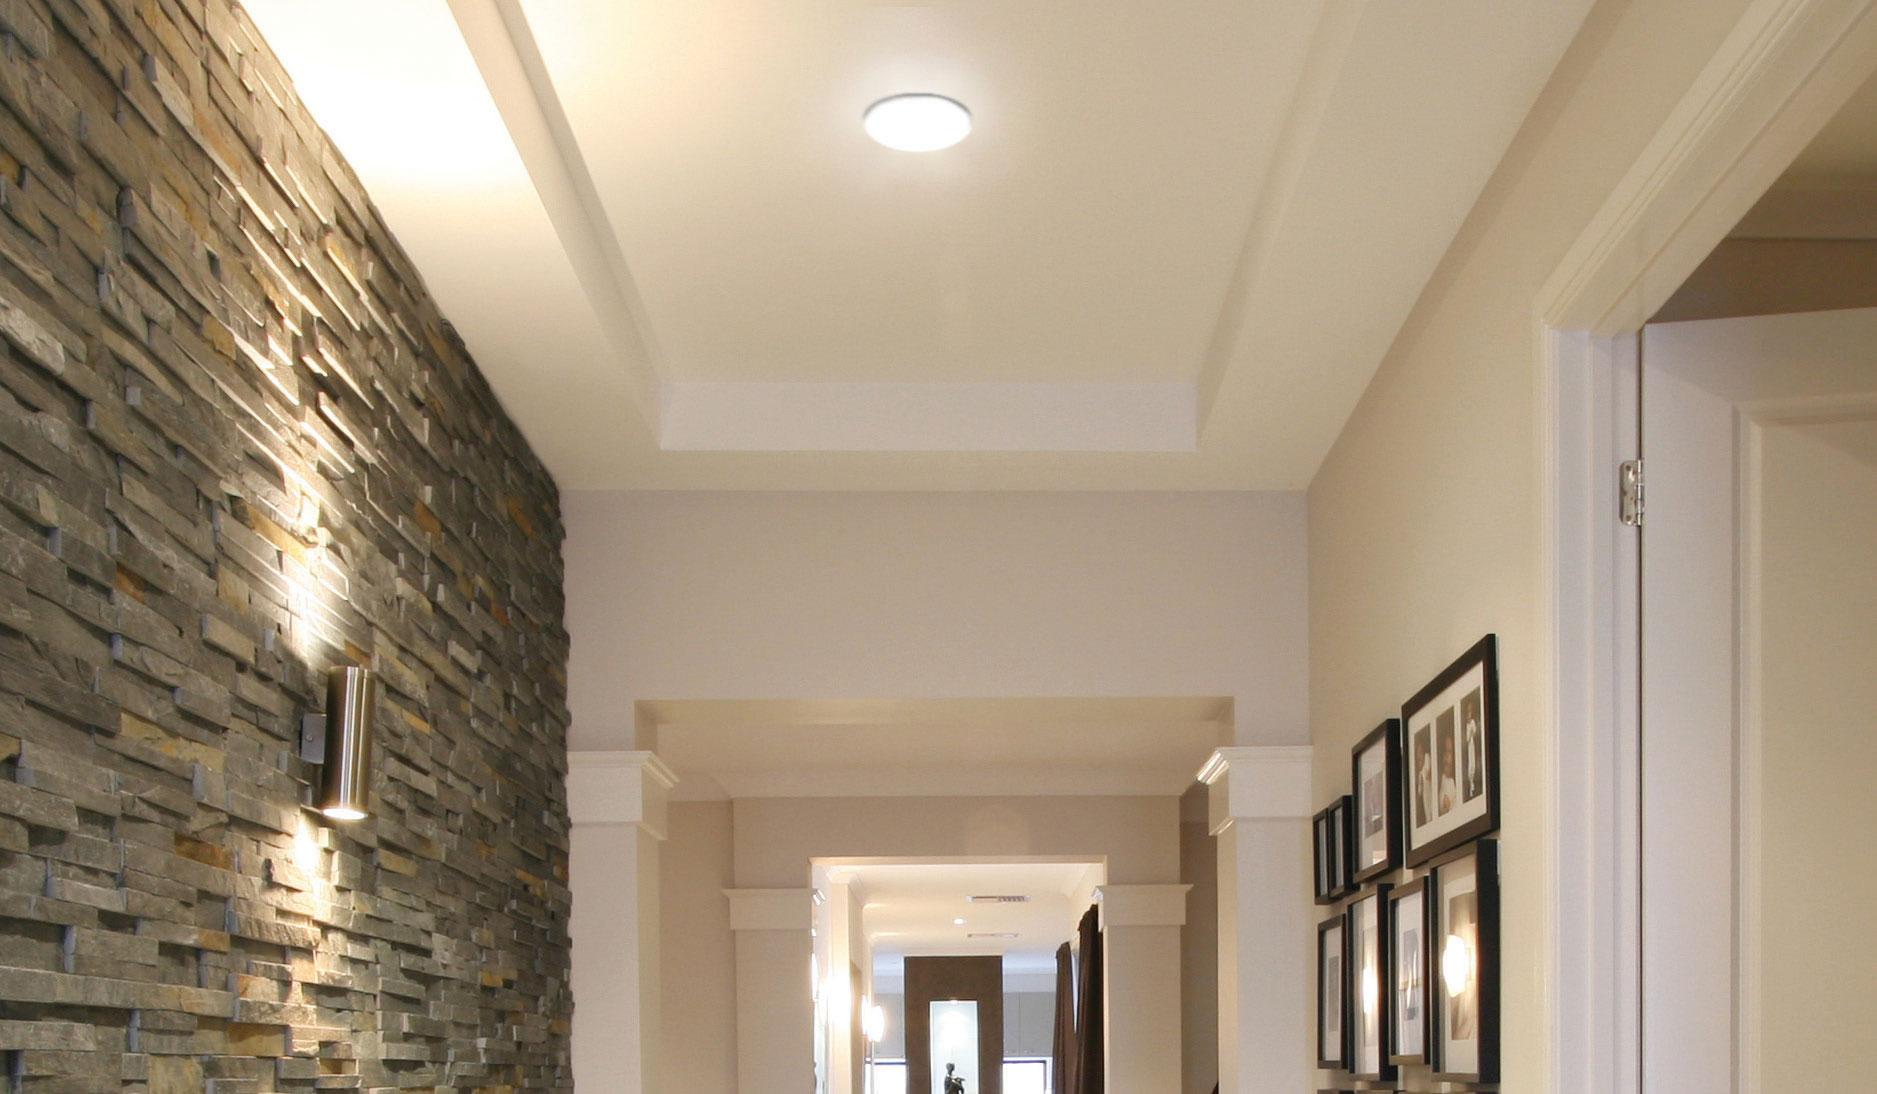 Luminaire plafonnier traditionnel DEL Standard 64154 éclairant une entrée avec mur de brique et cadres